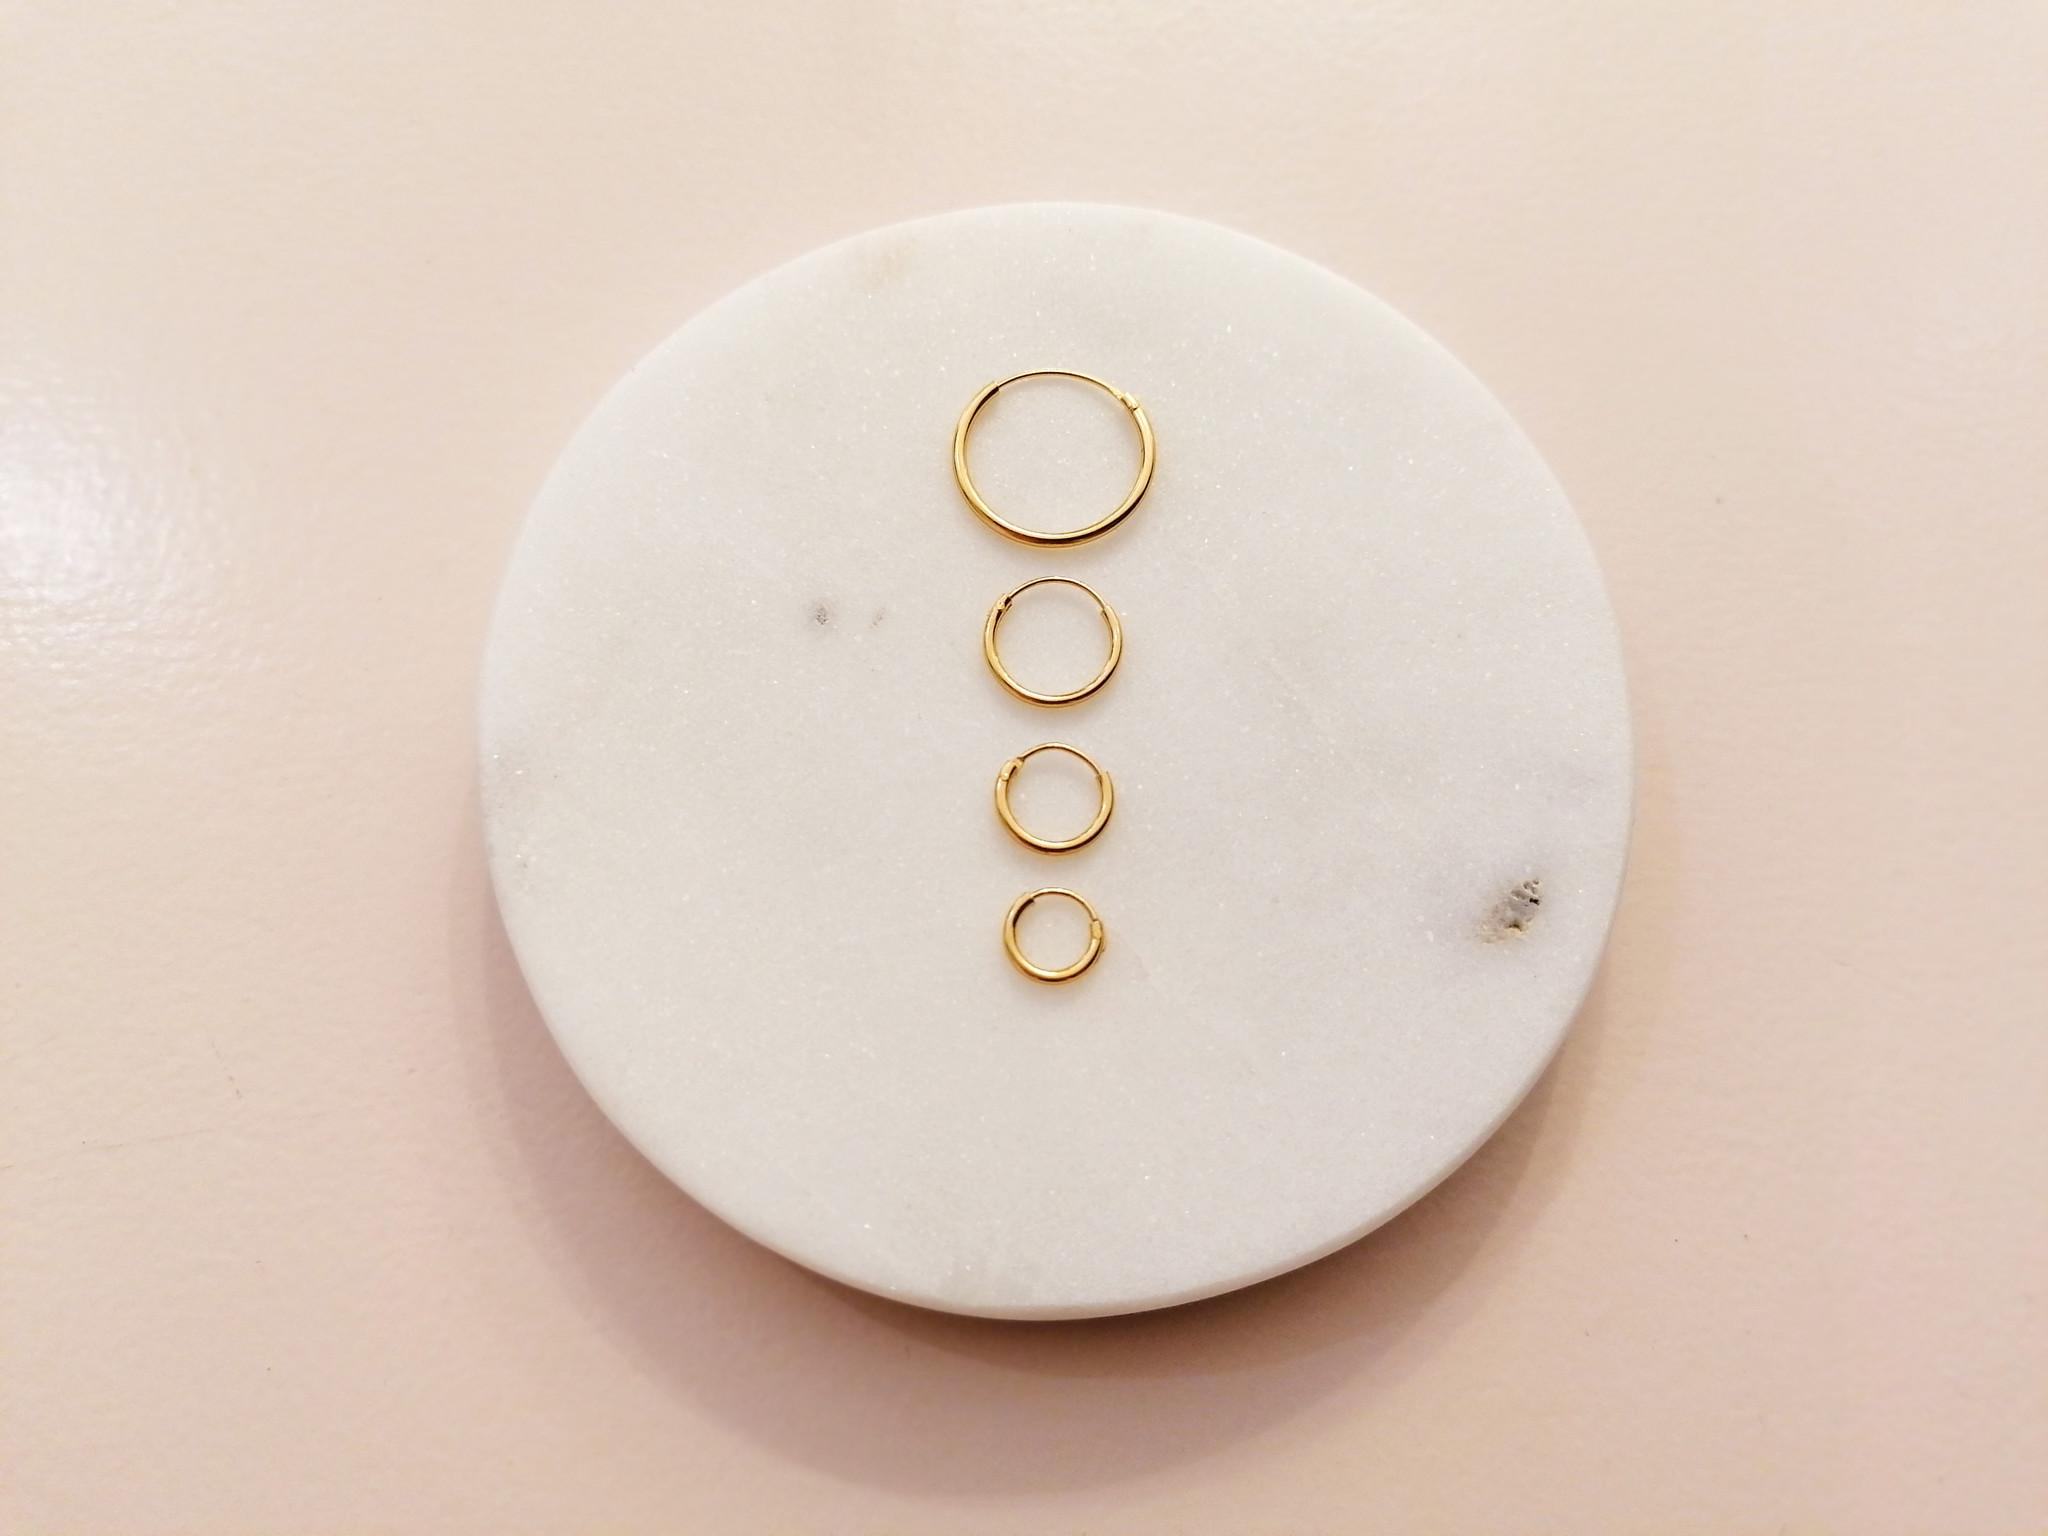 Kleine Creolen Ohrringe (10mm)- 925er Sterling Silber - Gold-5